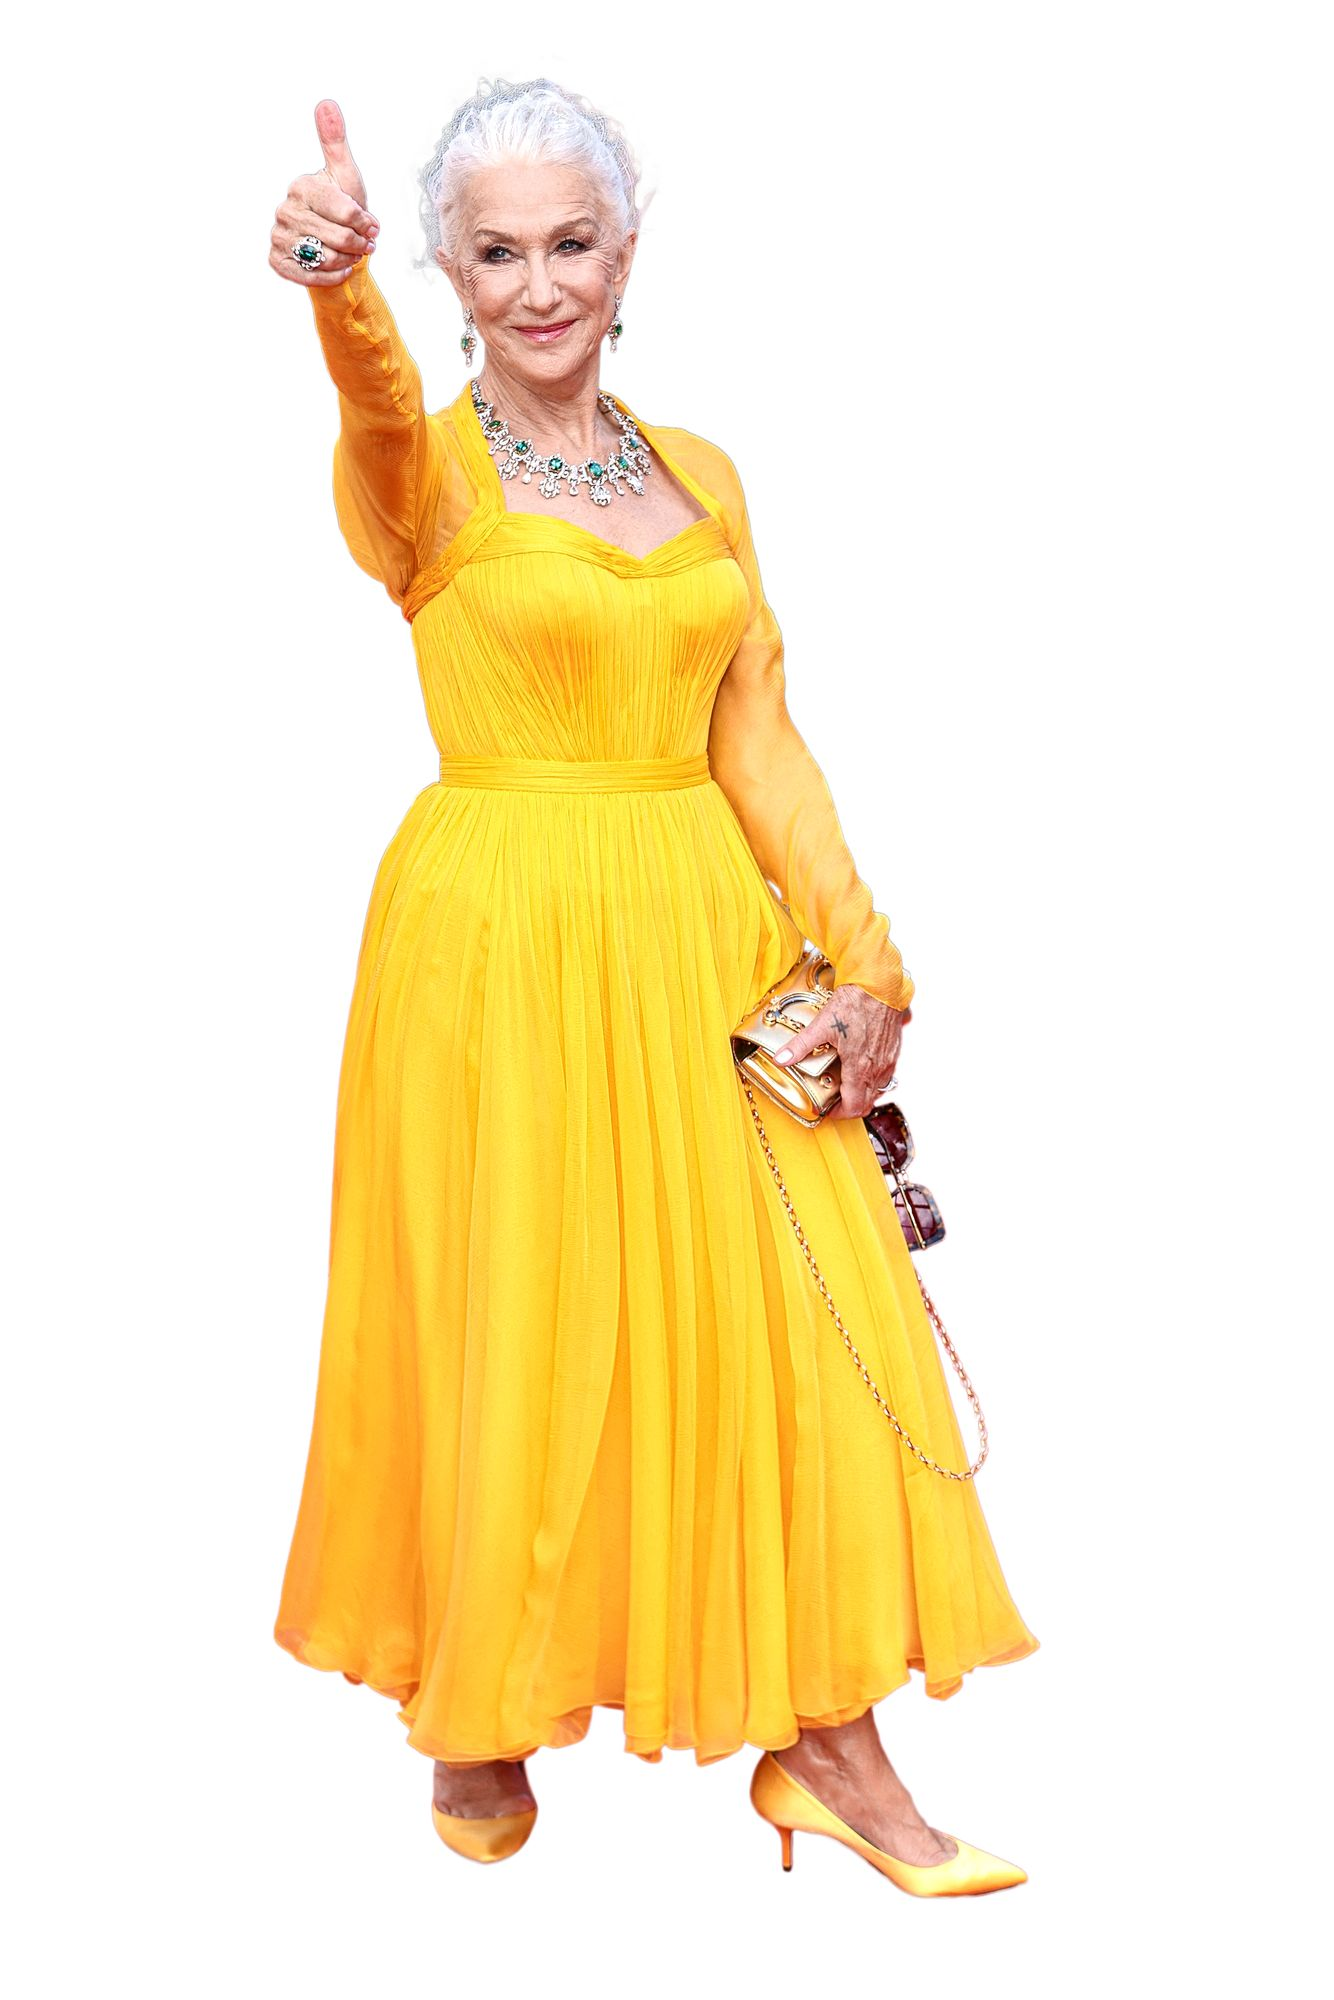 Aina tyylikäs Oscar-voittaja Helen Mirren oli yksi elokuvafestivaalien avajaisseremonian väriläiskistä. Pian 76 vuotta täyttävä Helen antoi myös leikkimielisyytensä näkyä kameroiden edessä. © Ptertainment / ddp USA / MVPhotos